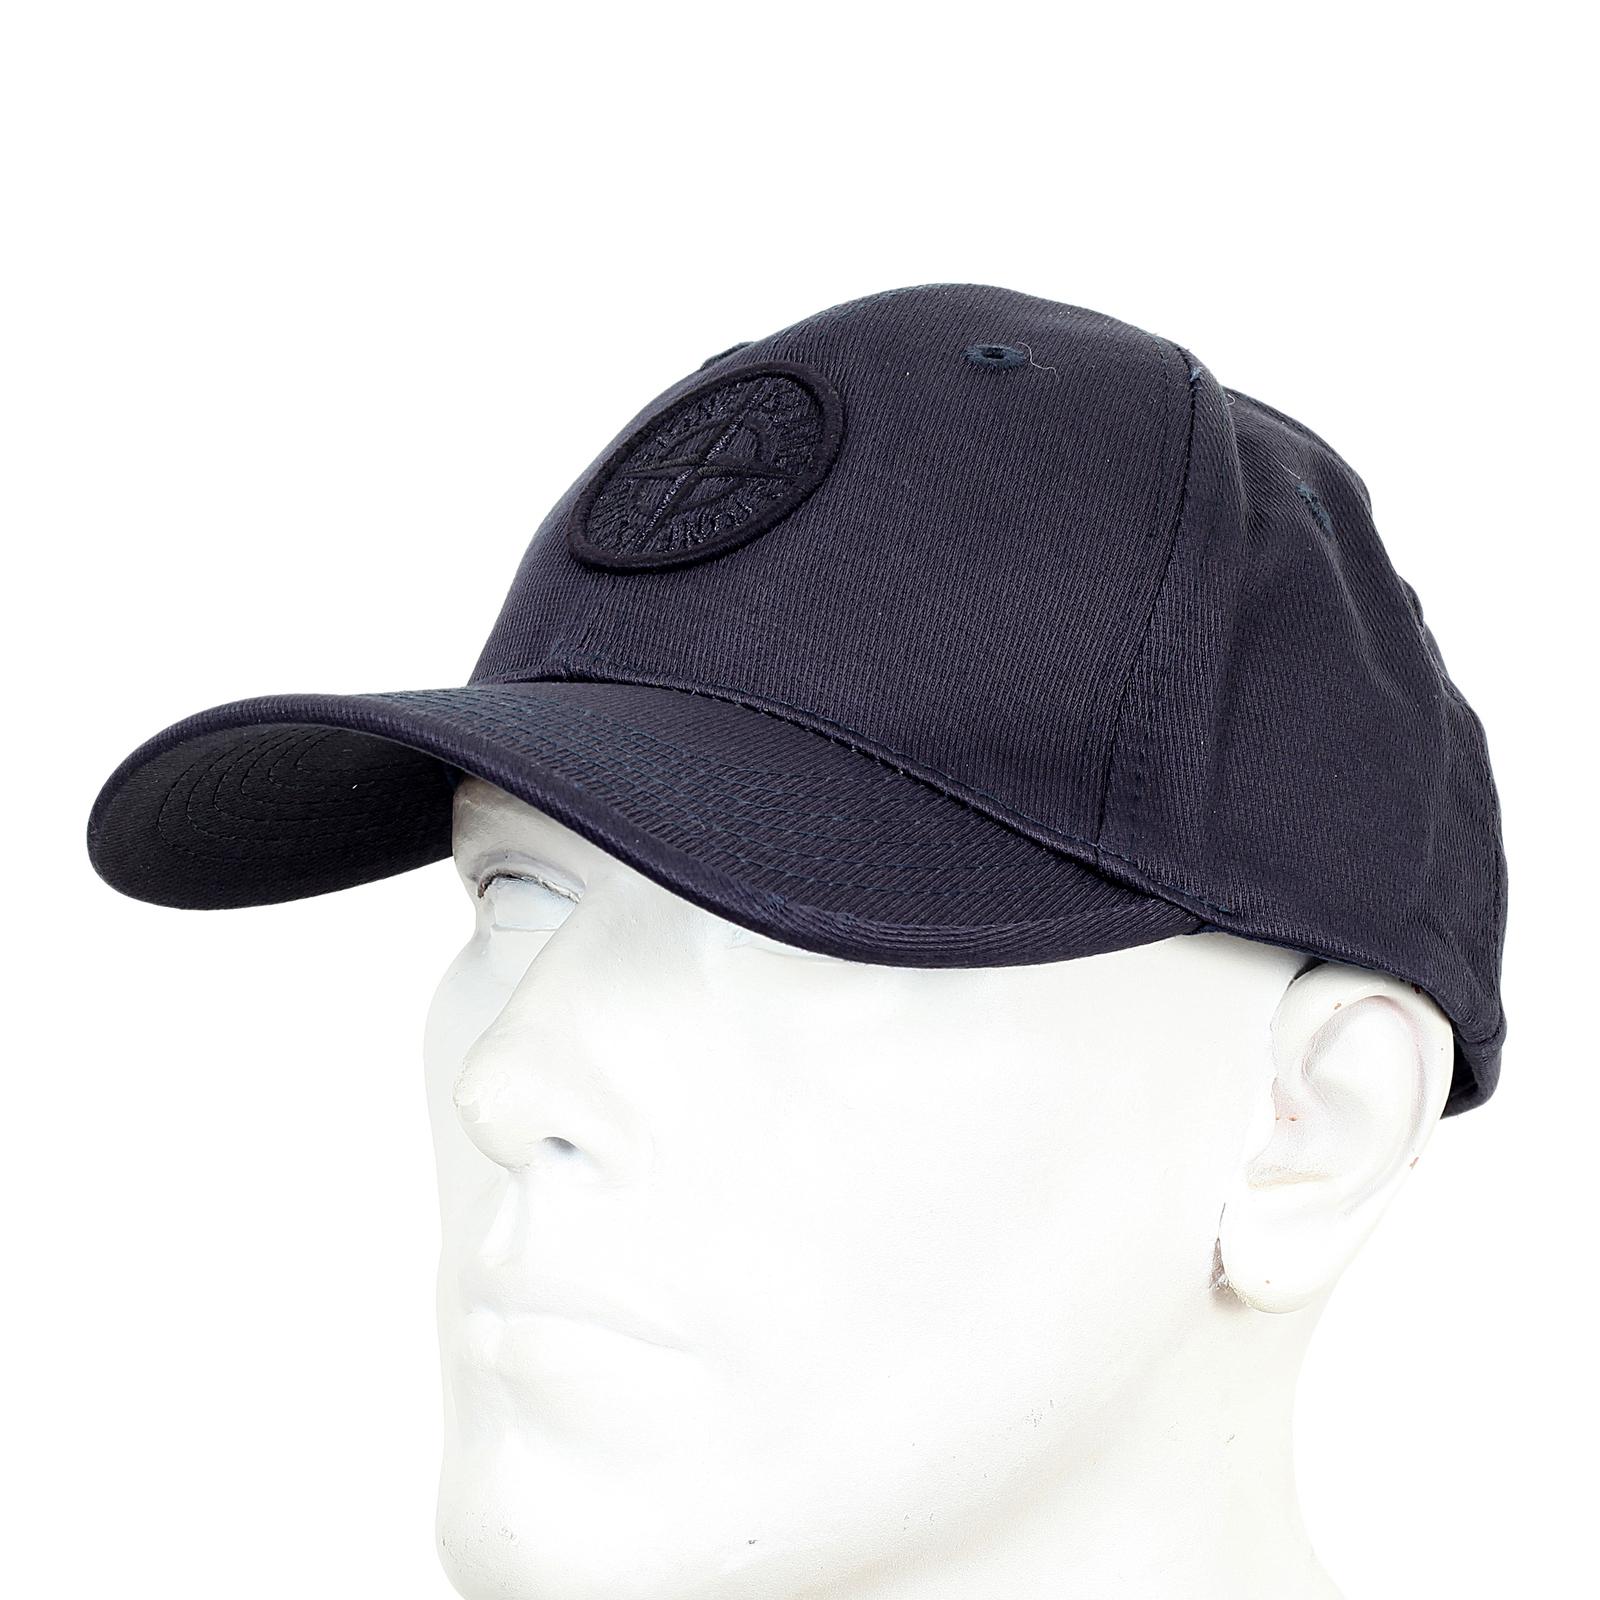 c2540e595b0 ... greece stone island mens navy cotton 611599194 baseball cap si4078  3ee15 6e951